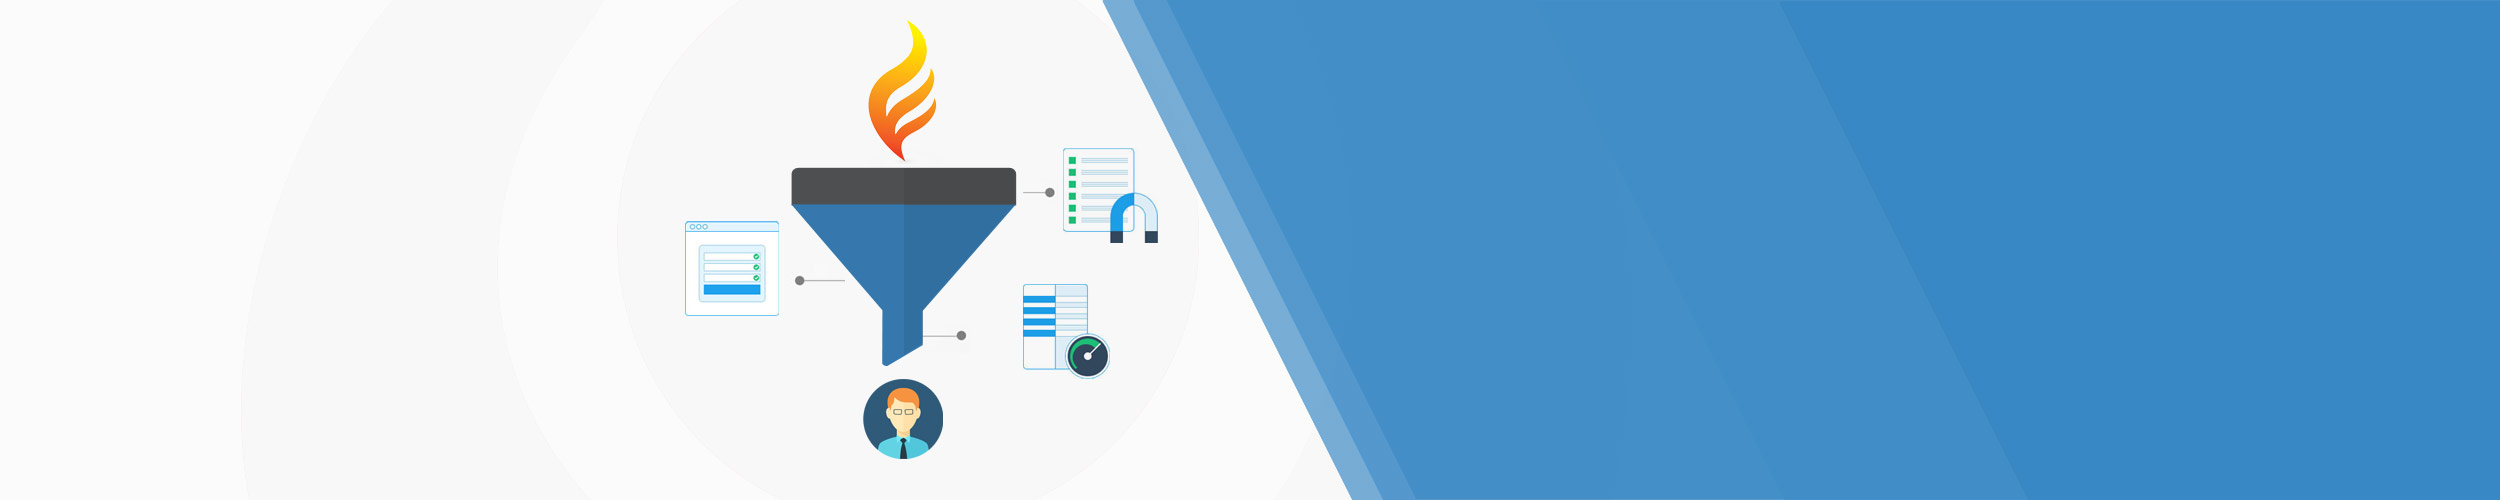 Internet Sales Funnel Design